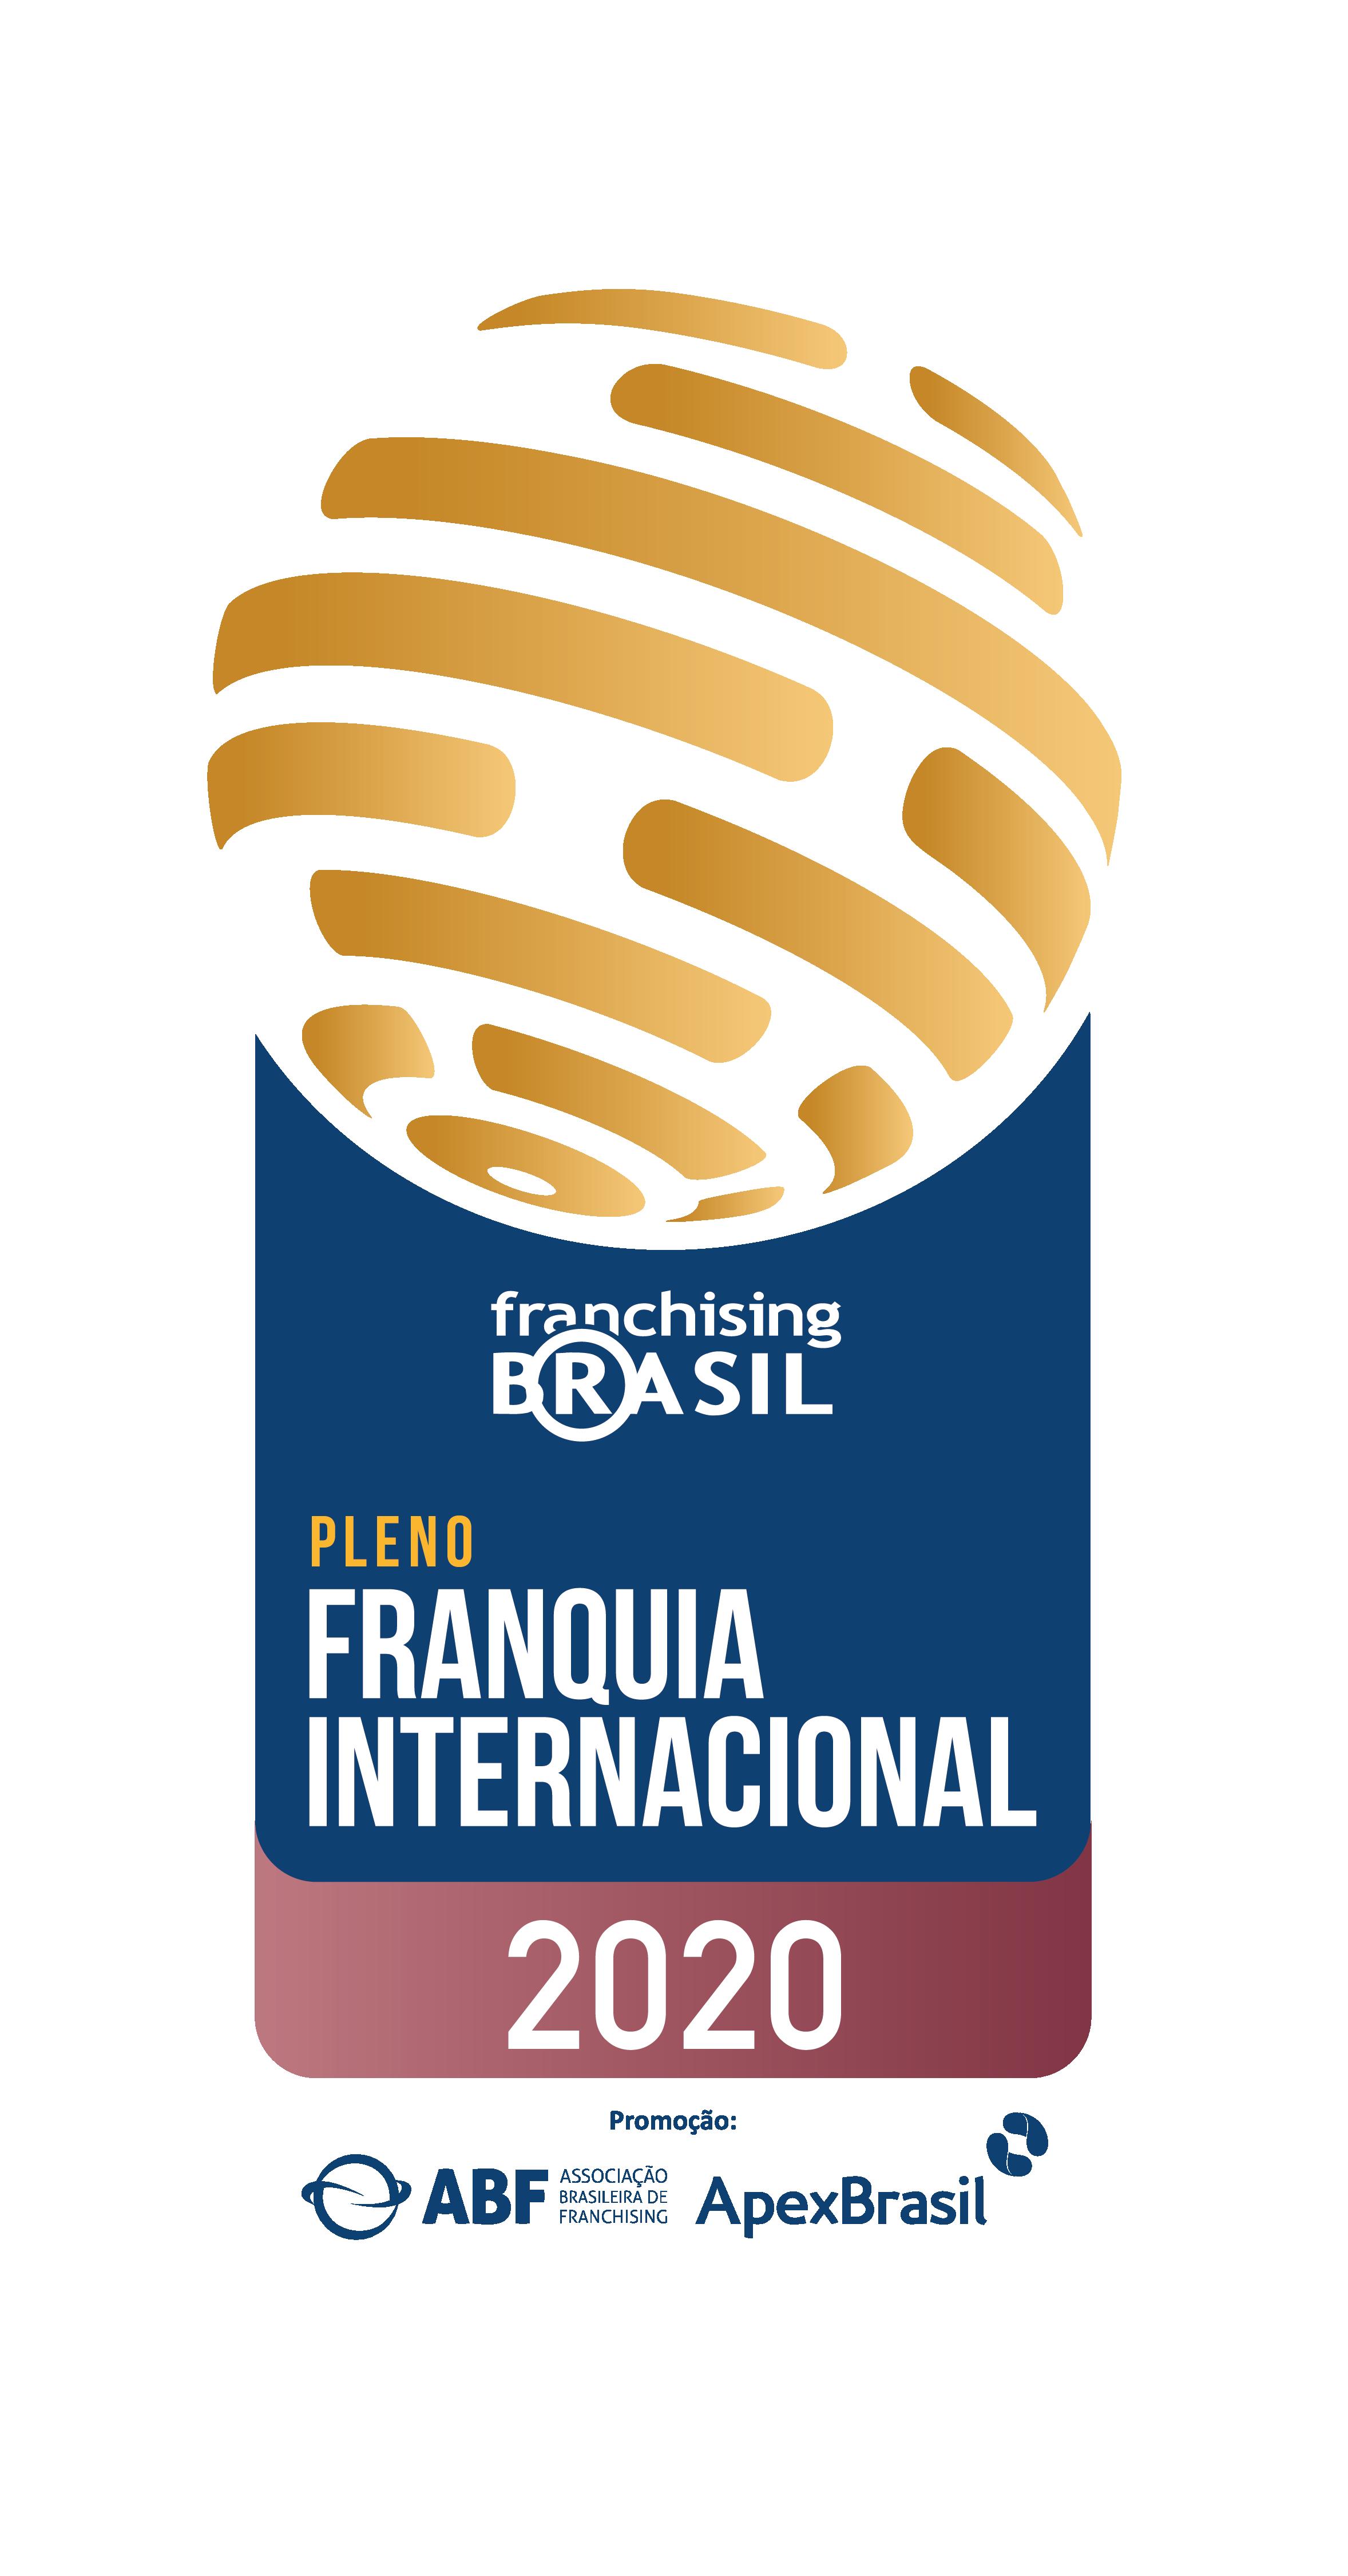 Selo ABF de franquia internacional 2020